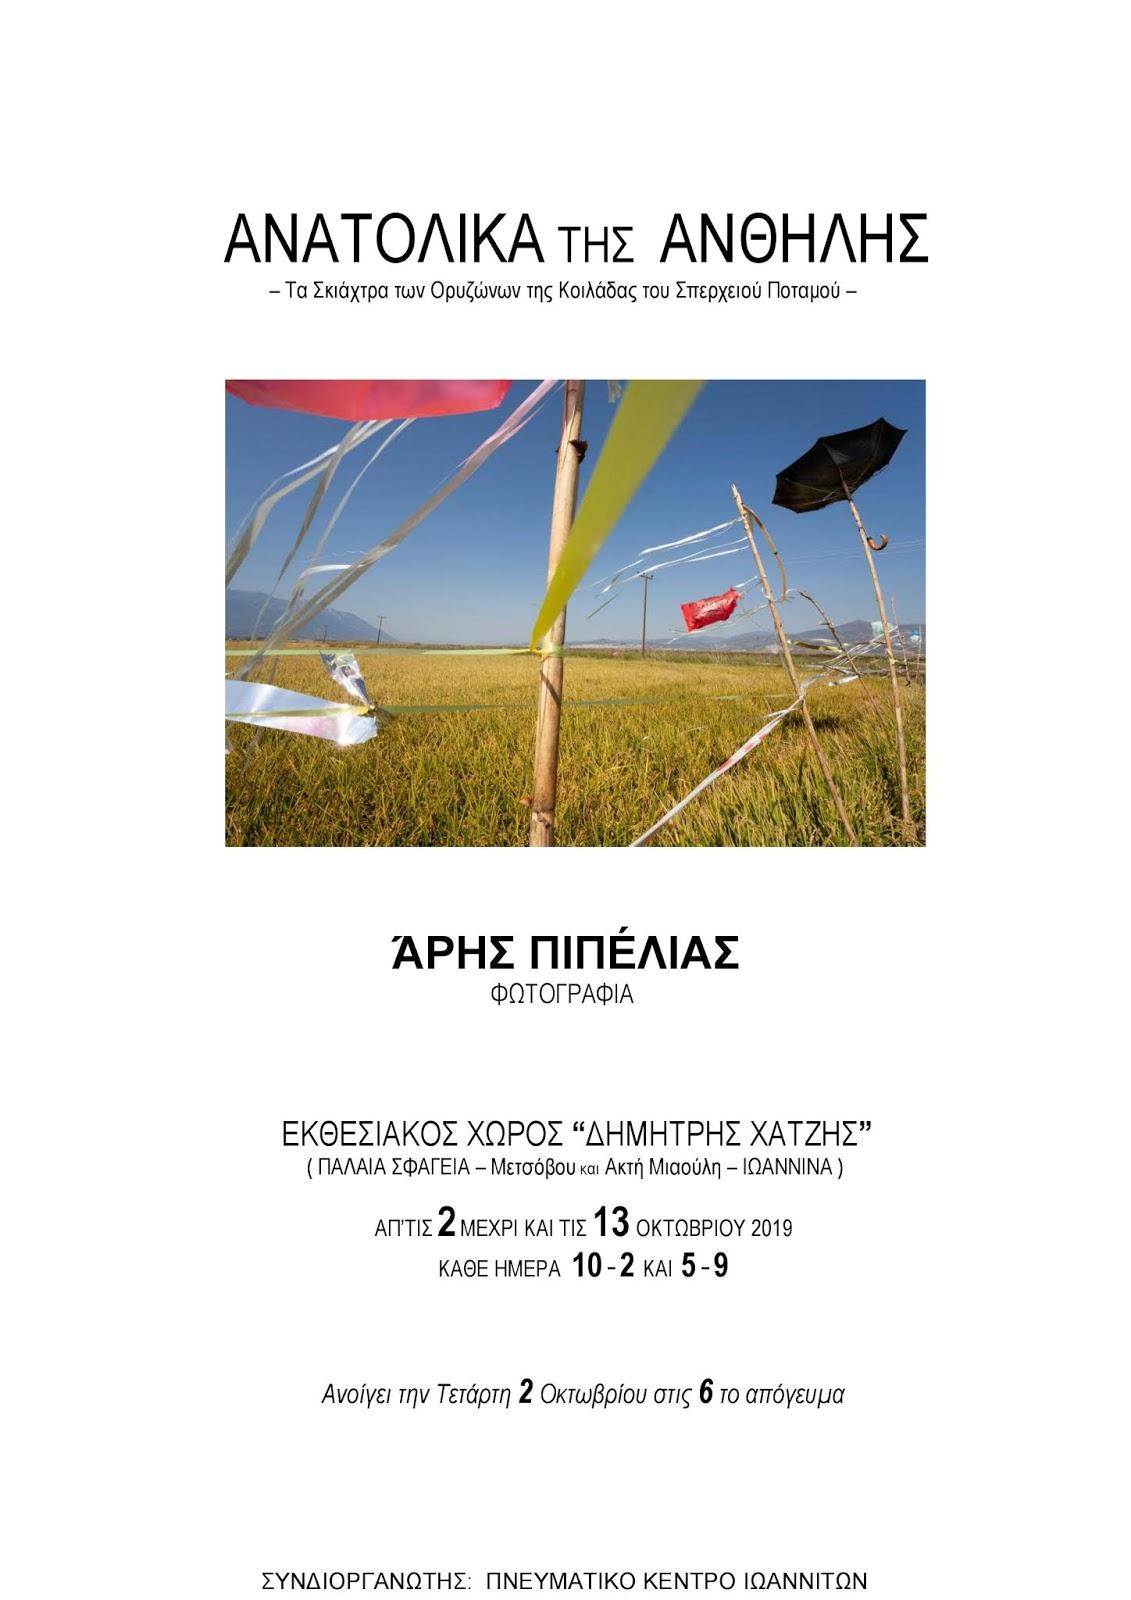 Άρης Πιπέλιας  ΑΝΑΤΟΛΙΚΑ ΤΗΣ ΑΝΘΗΛΗΣ:Έκθεση φωτογραφίας 2-13 Οκτωβρίου στα Ιωάννινα